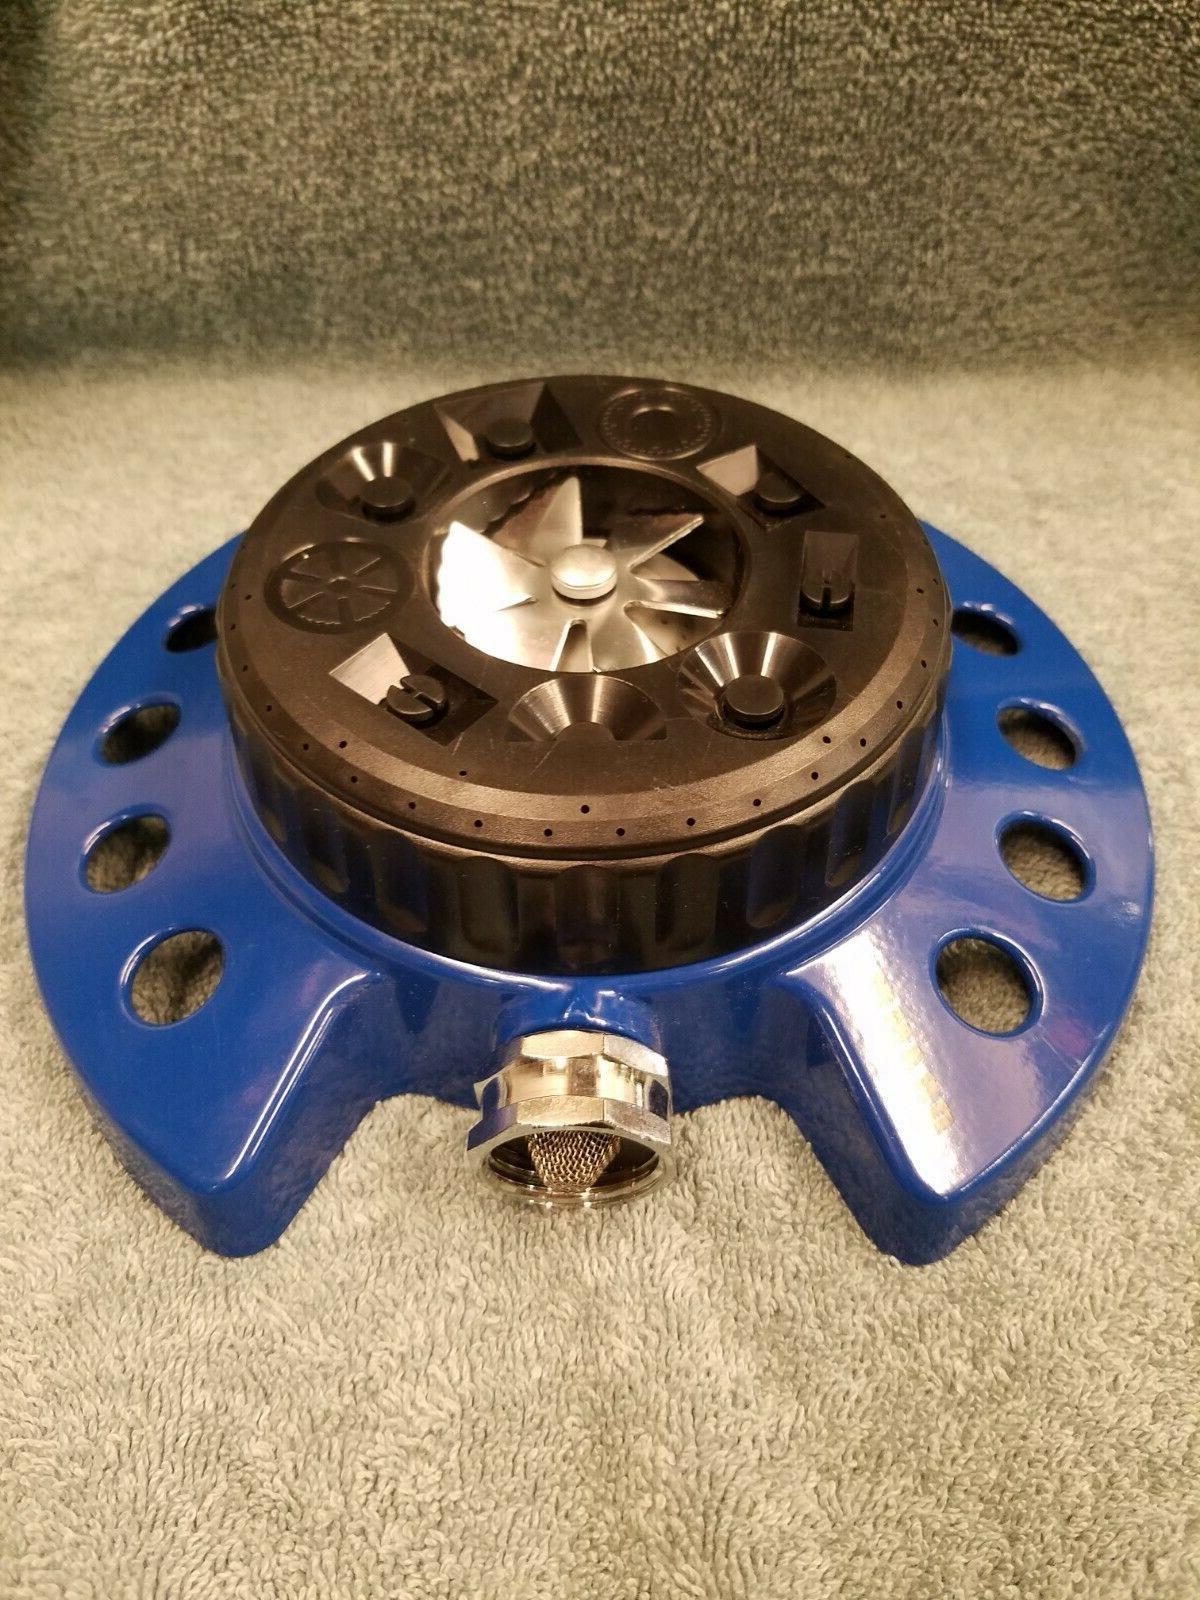 Dramm 10-15024 Turret Sprinkler, Blue 9-Patterns